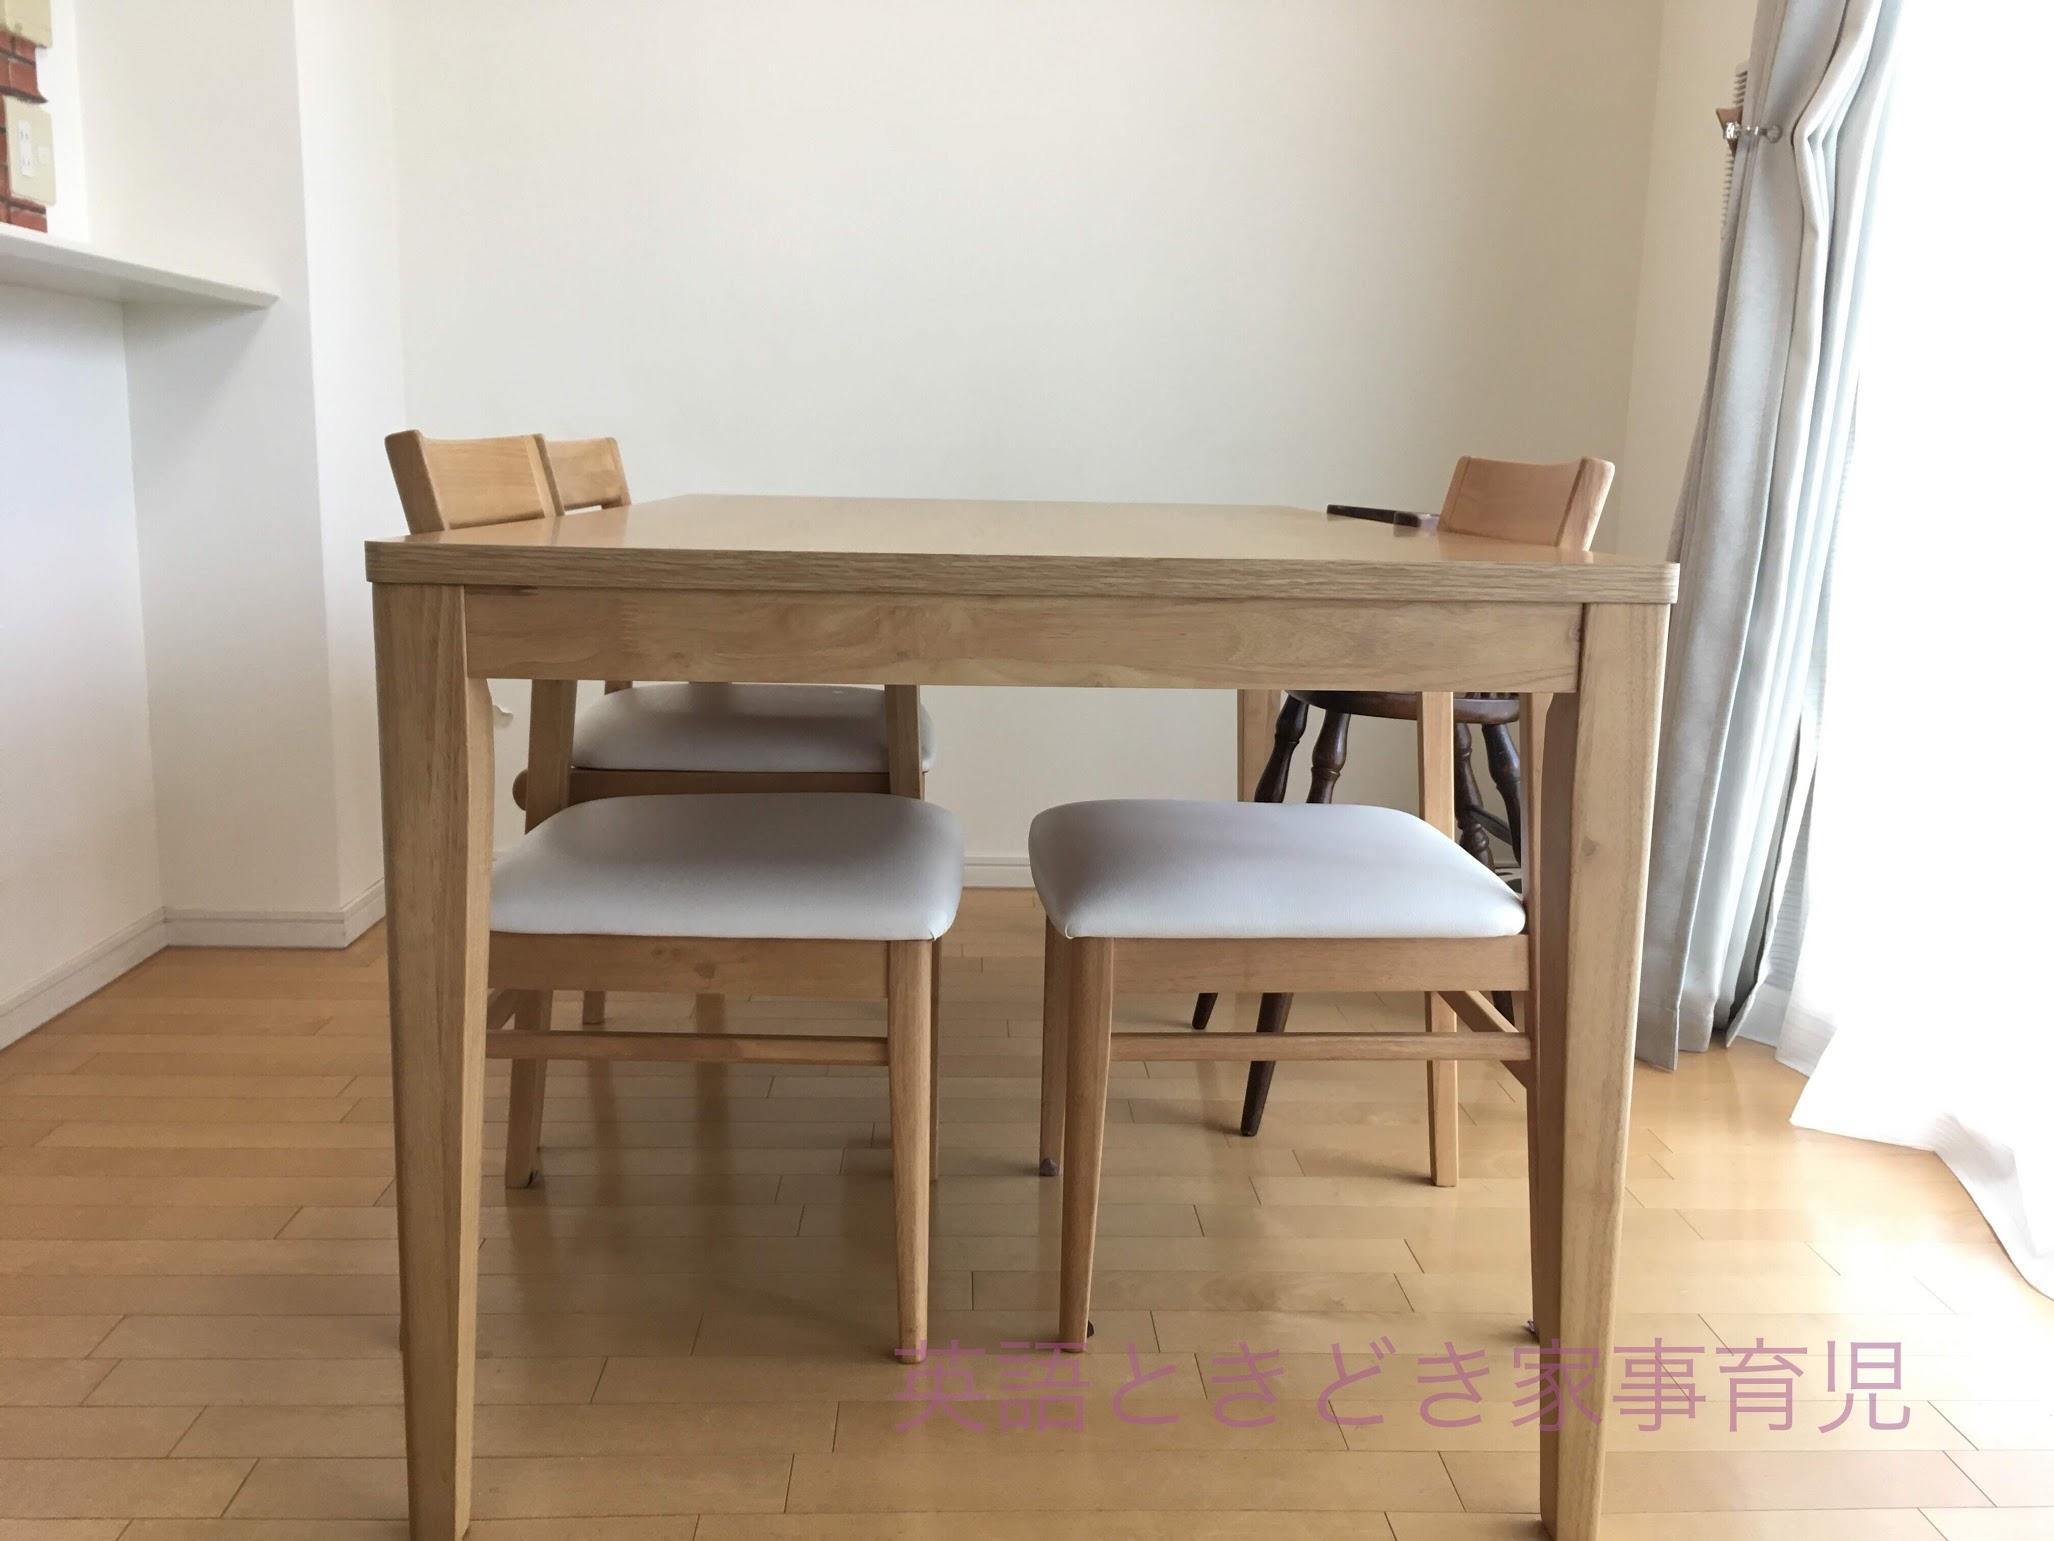 ベルメゾンダイニングテーブル